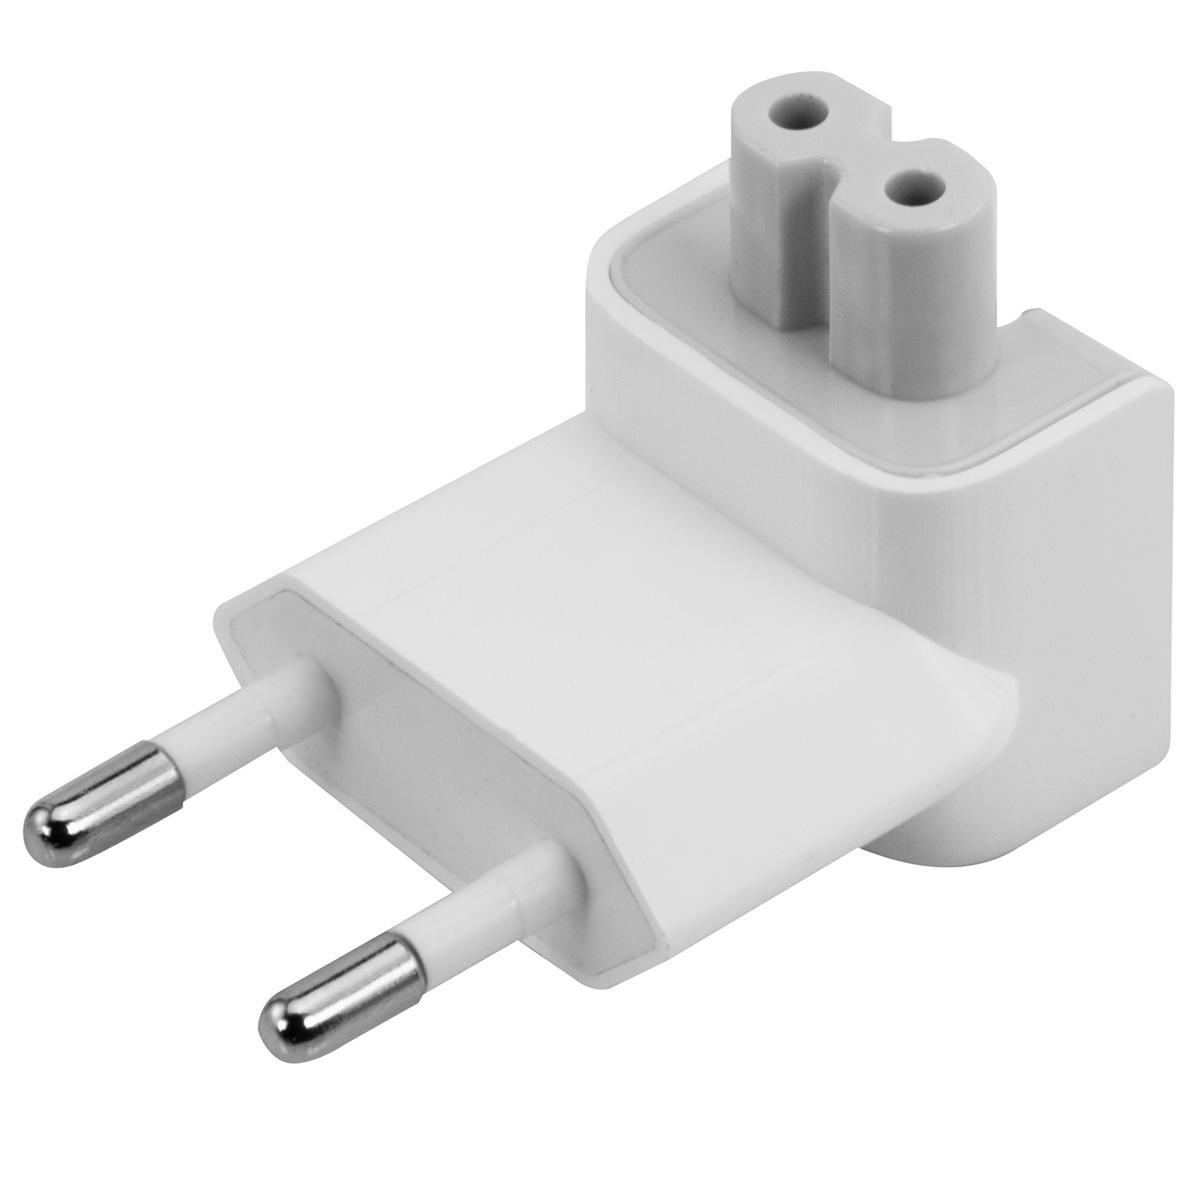 Adaptador de tomada para o padrão brasileiro, da Apple.